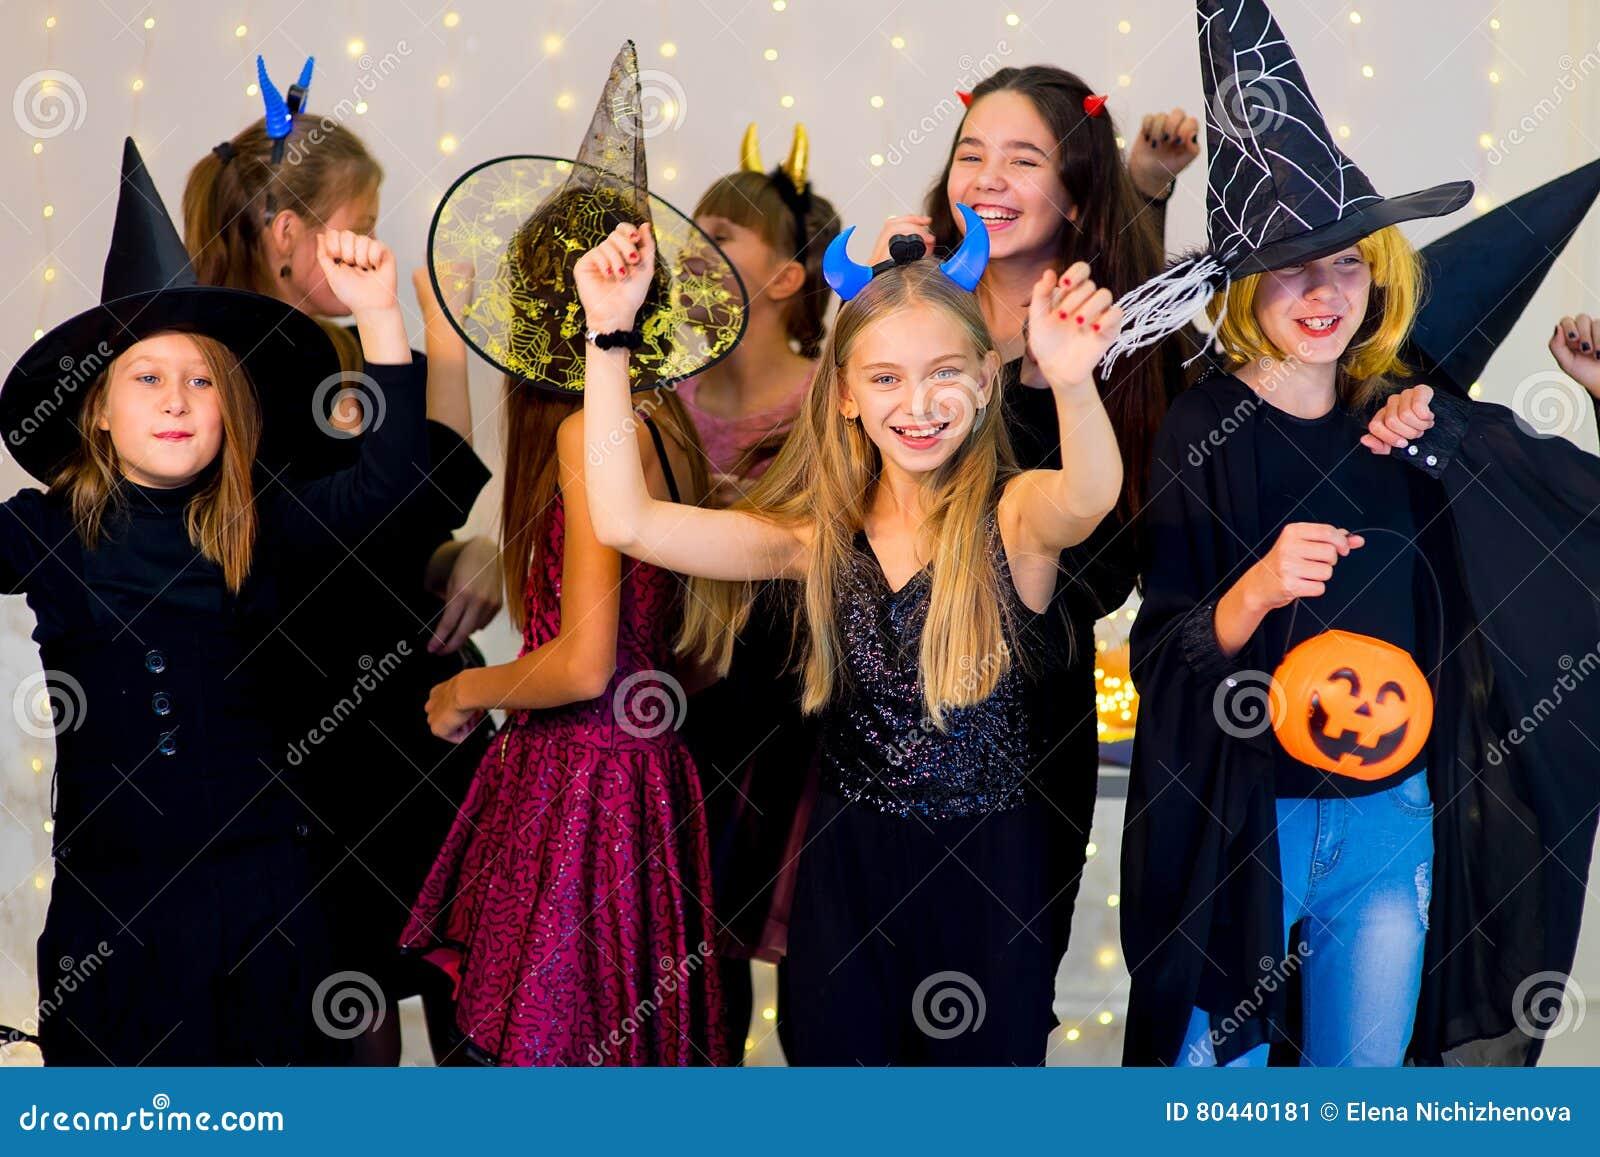 Costumi Halloween Di Gruppo.Il Gruppo Felice Di Adolescenti Balla In Costumi Di Halloween